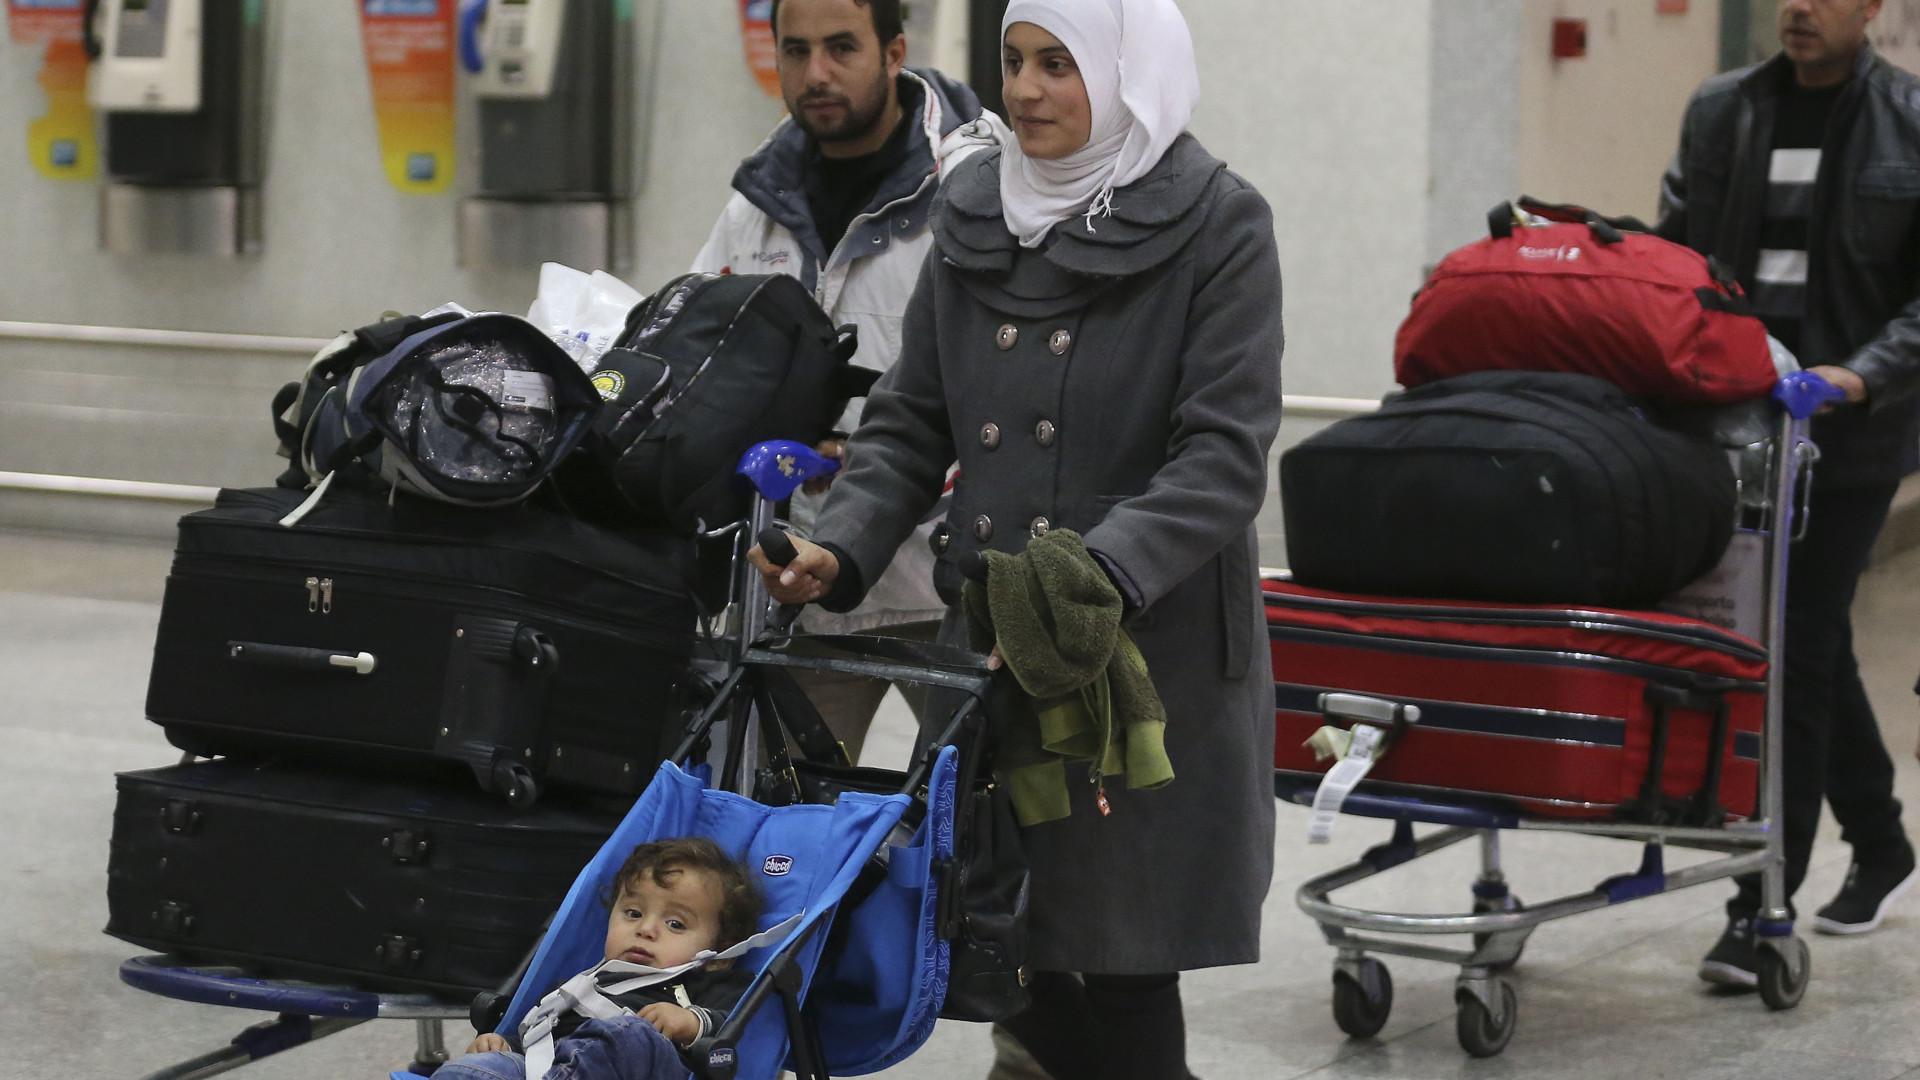 Acolher refugiados cá tudo bem, imigrantes é que nem por isso